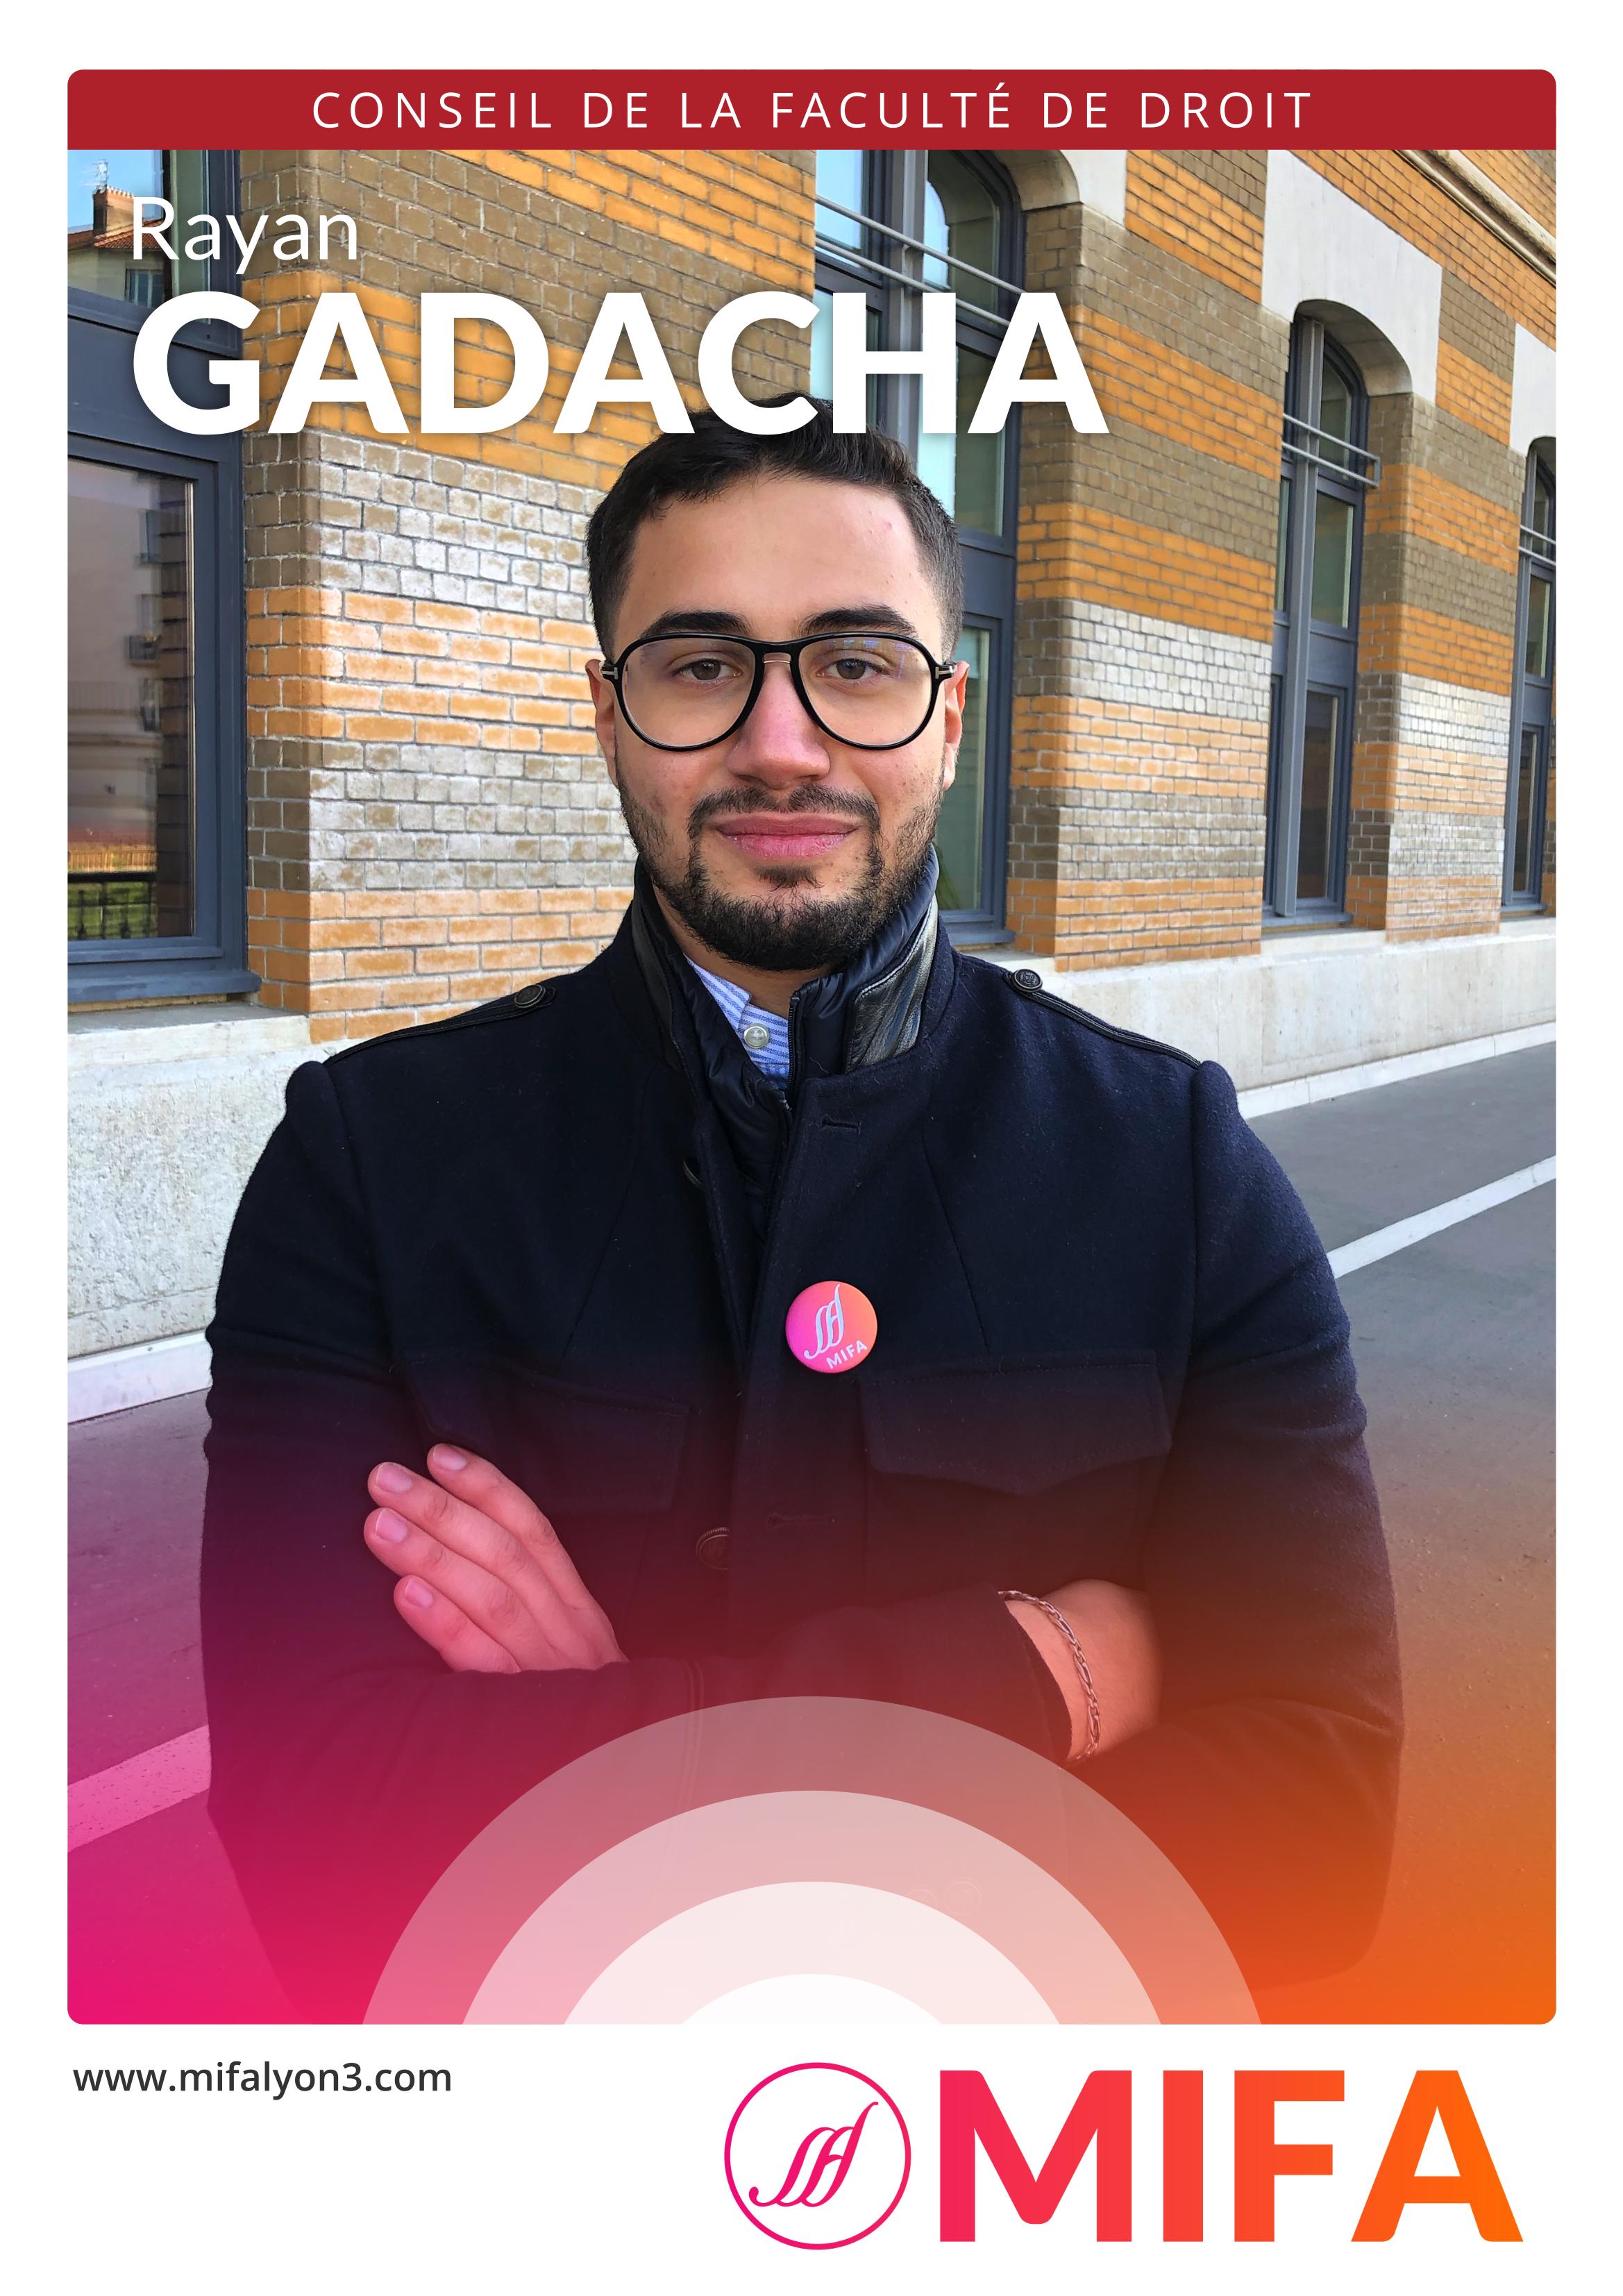 Rayan GADACHA